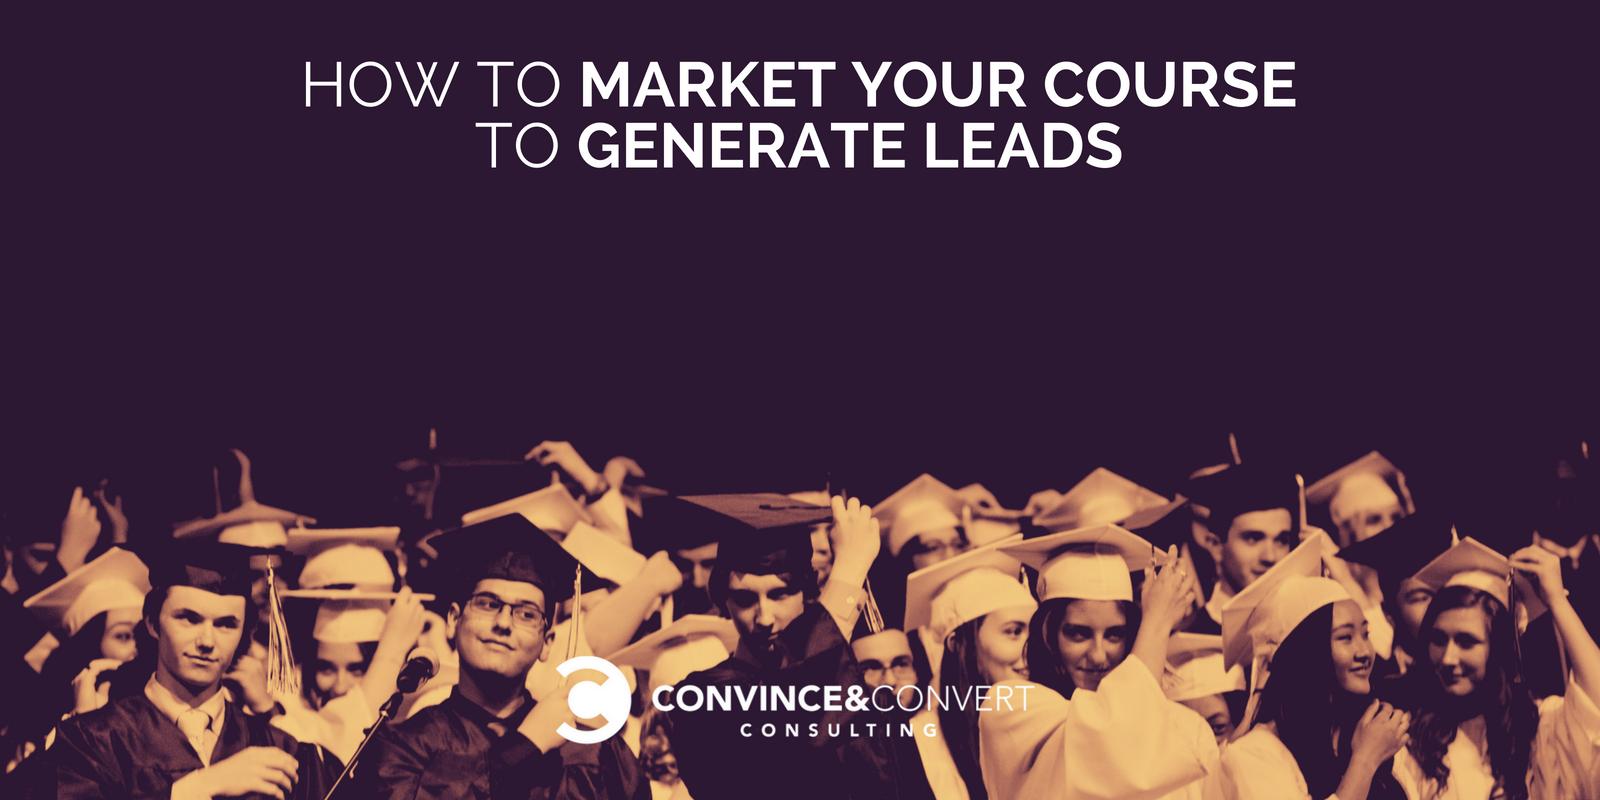 come commercializzare il tuo corso per generare lead